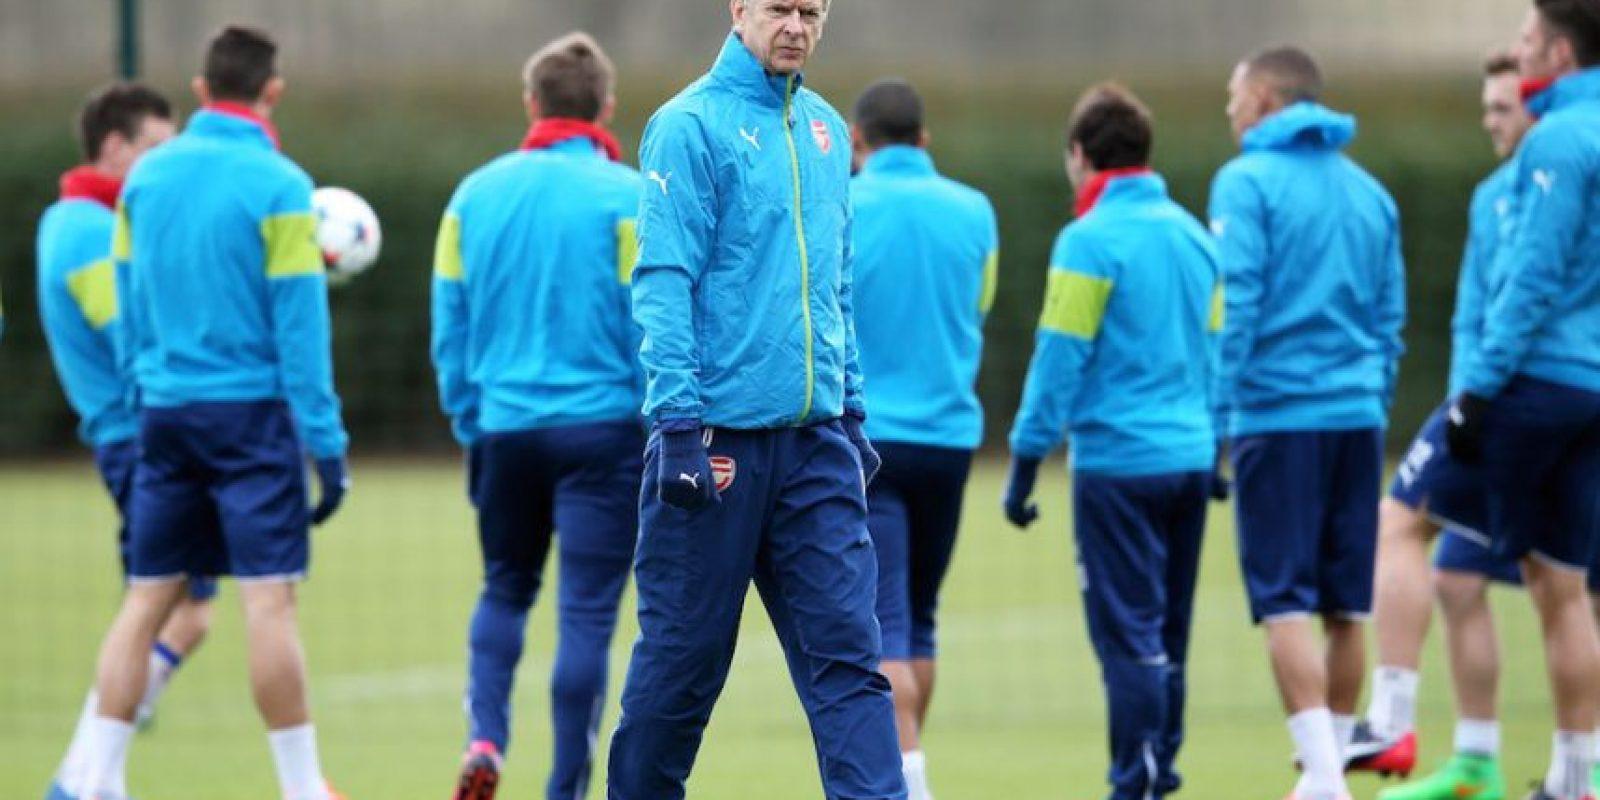 El francés Arsène Wenger, entrenador del Arsenal, dice que únicamente piensa en clasificarse a los cuartos de final. Foto:Getty Images